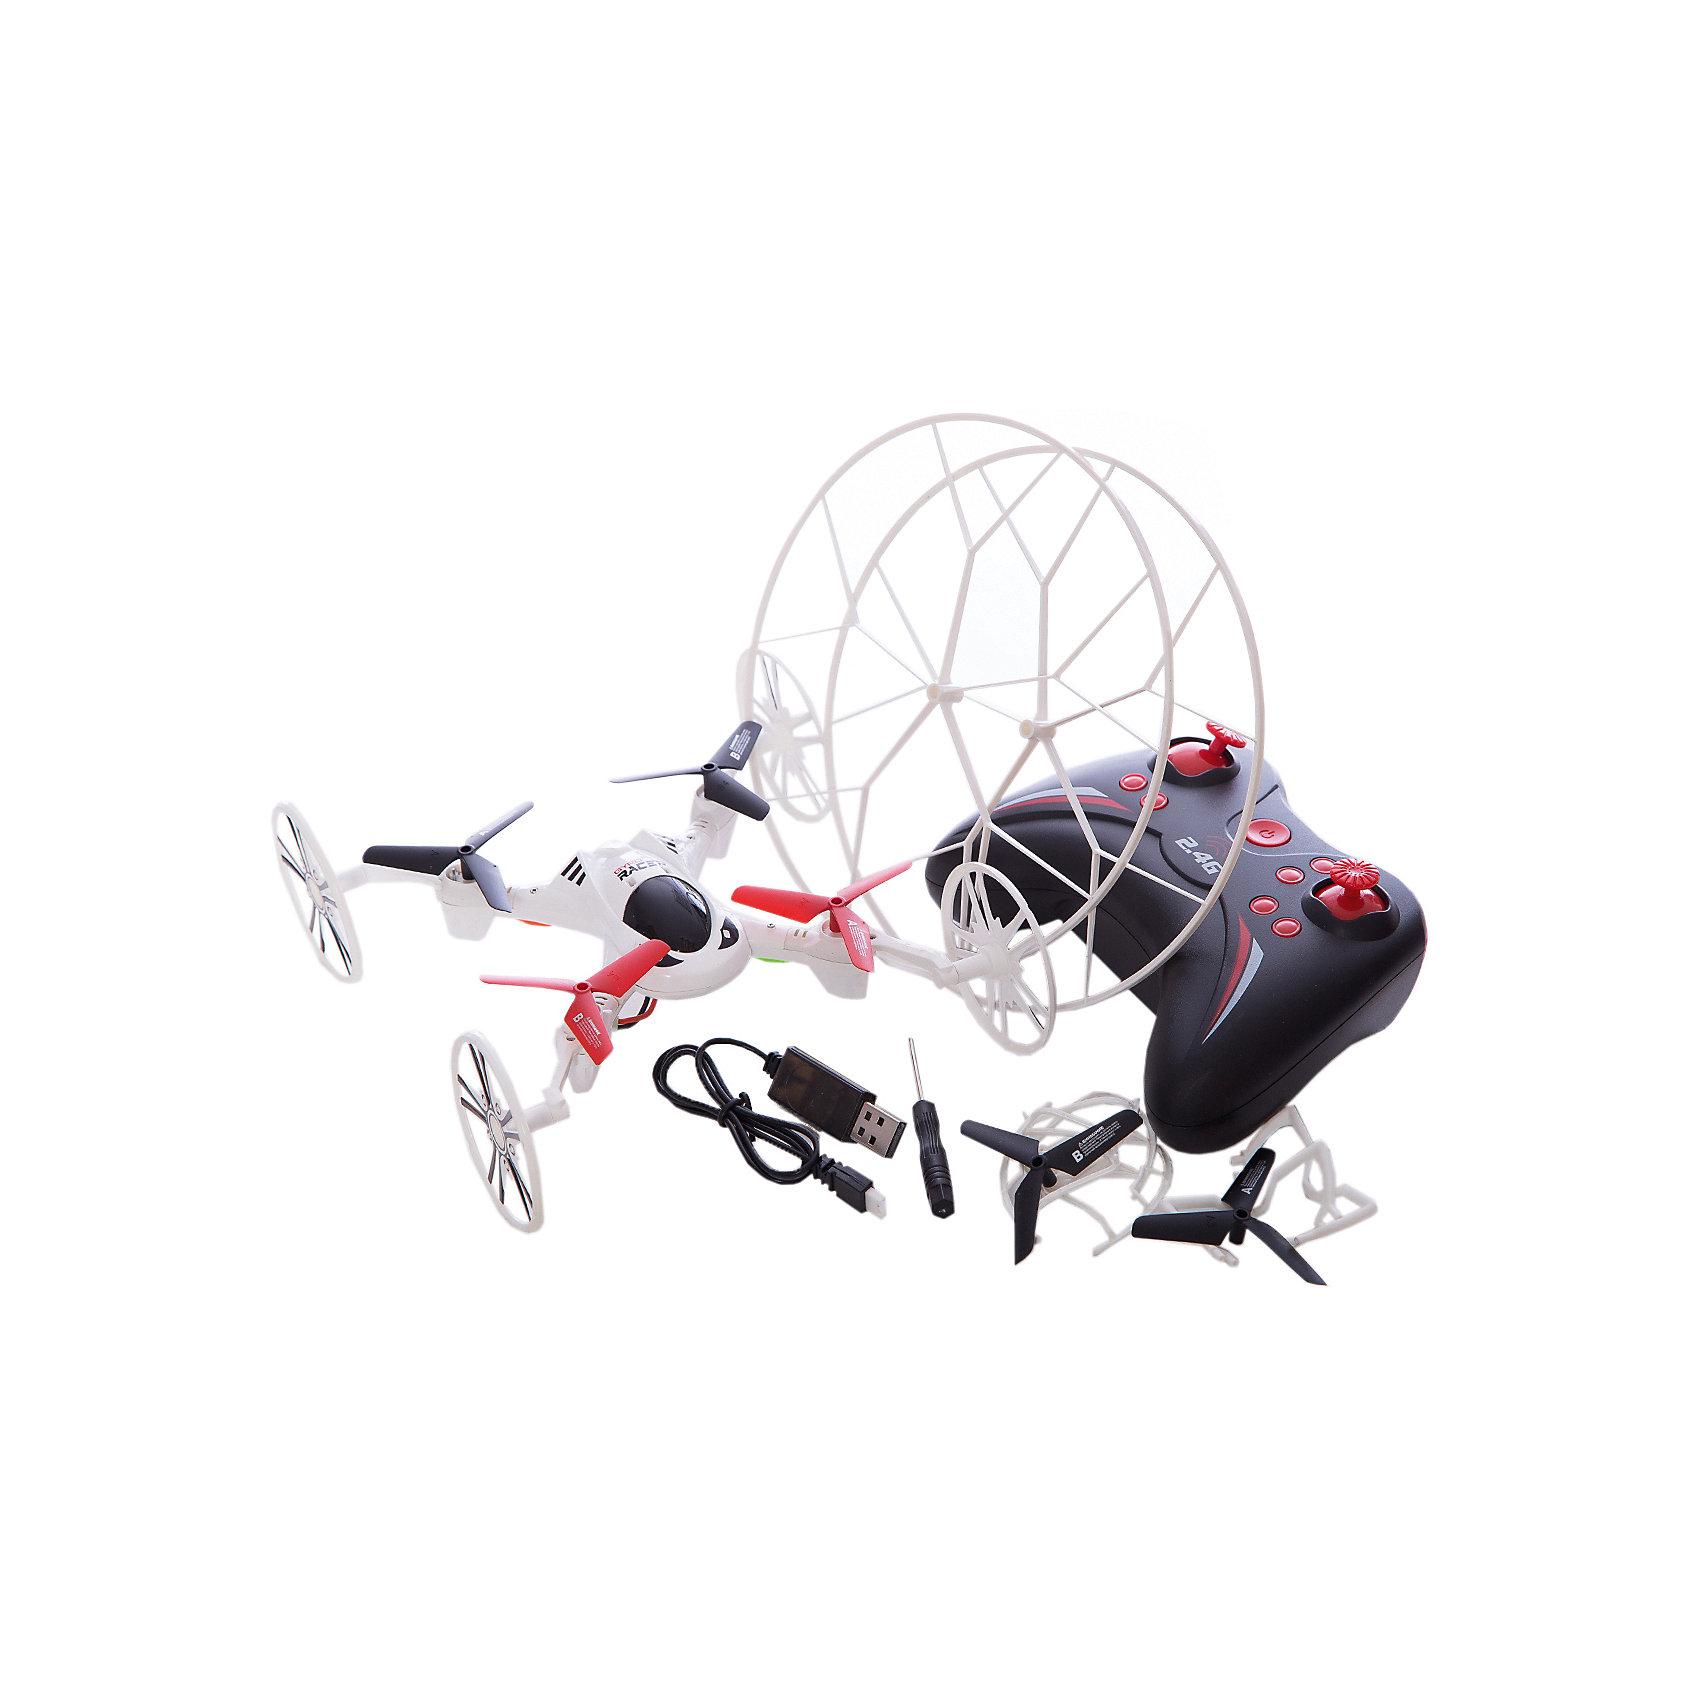 Квадрокоптер 2-в-1 GYRO-Racer, 1toyКвадрокоптер размером 16*16см,<br>управляется на частоте 2,4GHz, <br>имеет два скоростных<br>режима, отлично летает как <br>дома, так и на улице.<br>В комплект входят запасные колёса, которые легко устанавливаются на корпус квадрокоптера, превращая его в модель, передвигающуюся по земле. <br>Также квадрокоптер имеет режим Автоматического возвращения в сторону пилота и Программируемый план полёта.<br><br>Ширина мм: 410<br>Глубина мм: 75<br>Высота мм: 270<br>Вес г: 611<br>Возраст от месяцев: 72<br>Возраст до месяцев: 192<br>Пол: Мужской<br>Возраст: Детский<br>SKU: 5423272